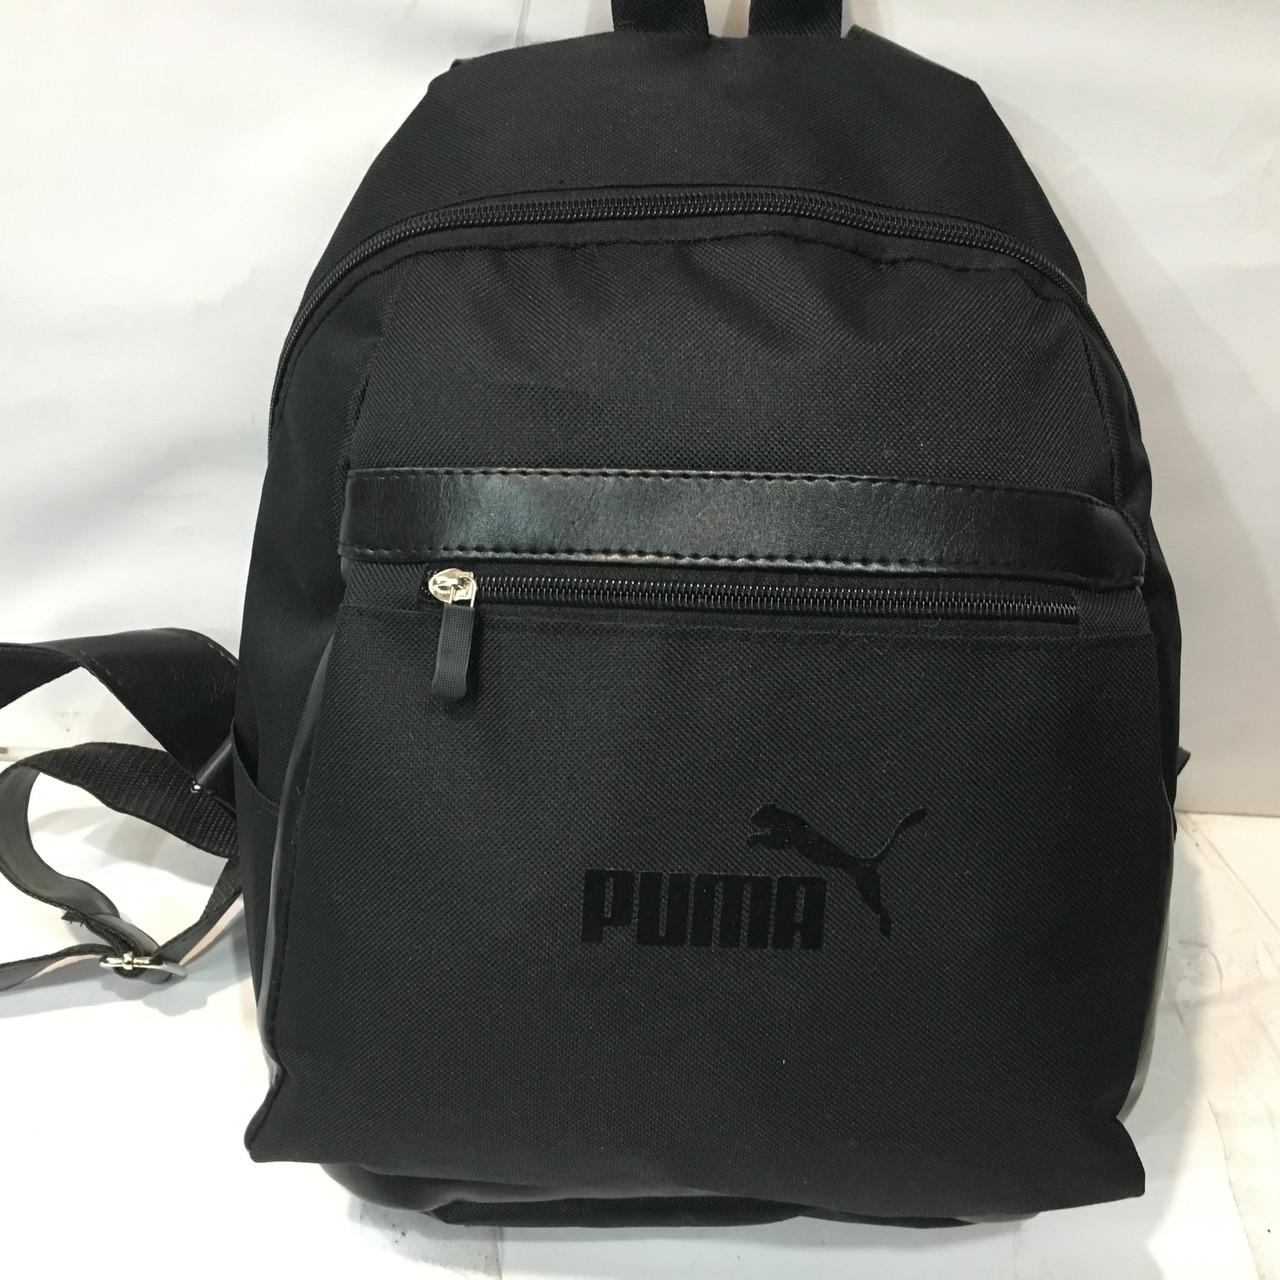 Рюкзак спортивный puma рюкзак, сумка для парикмахера